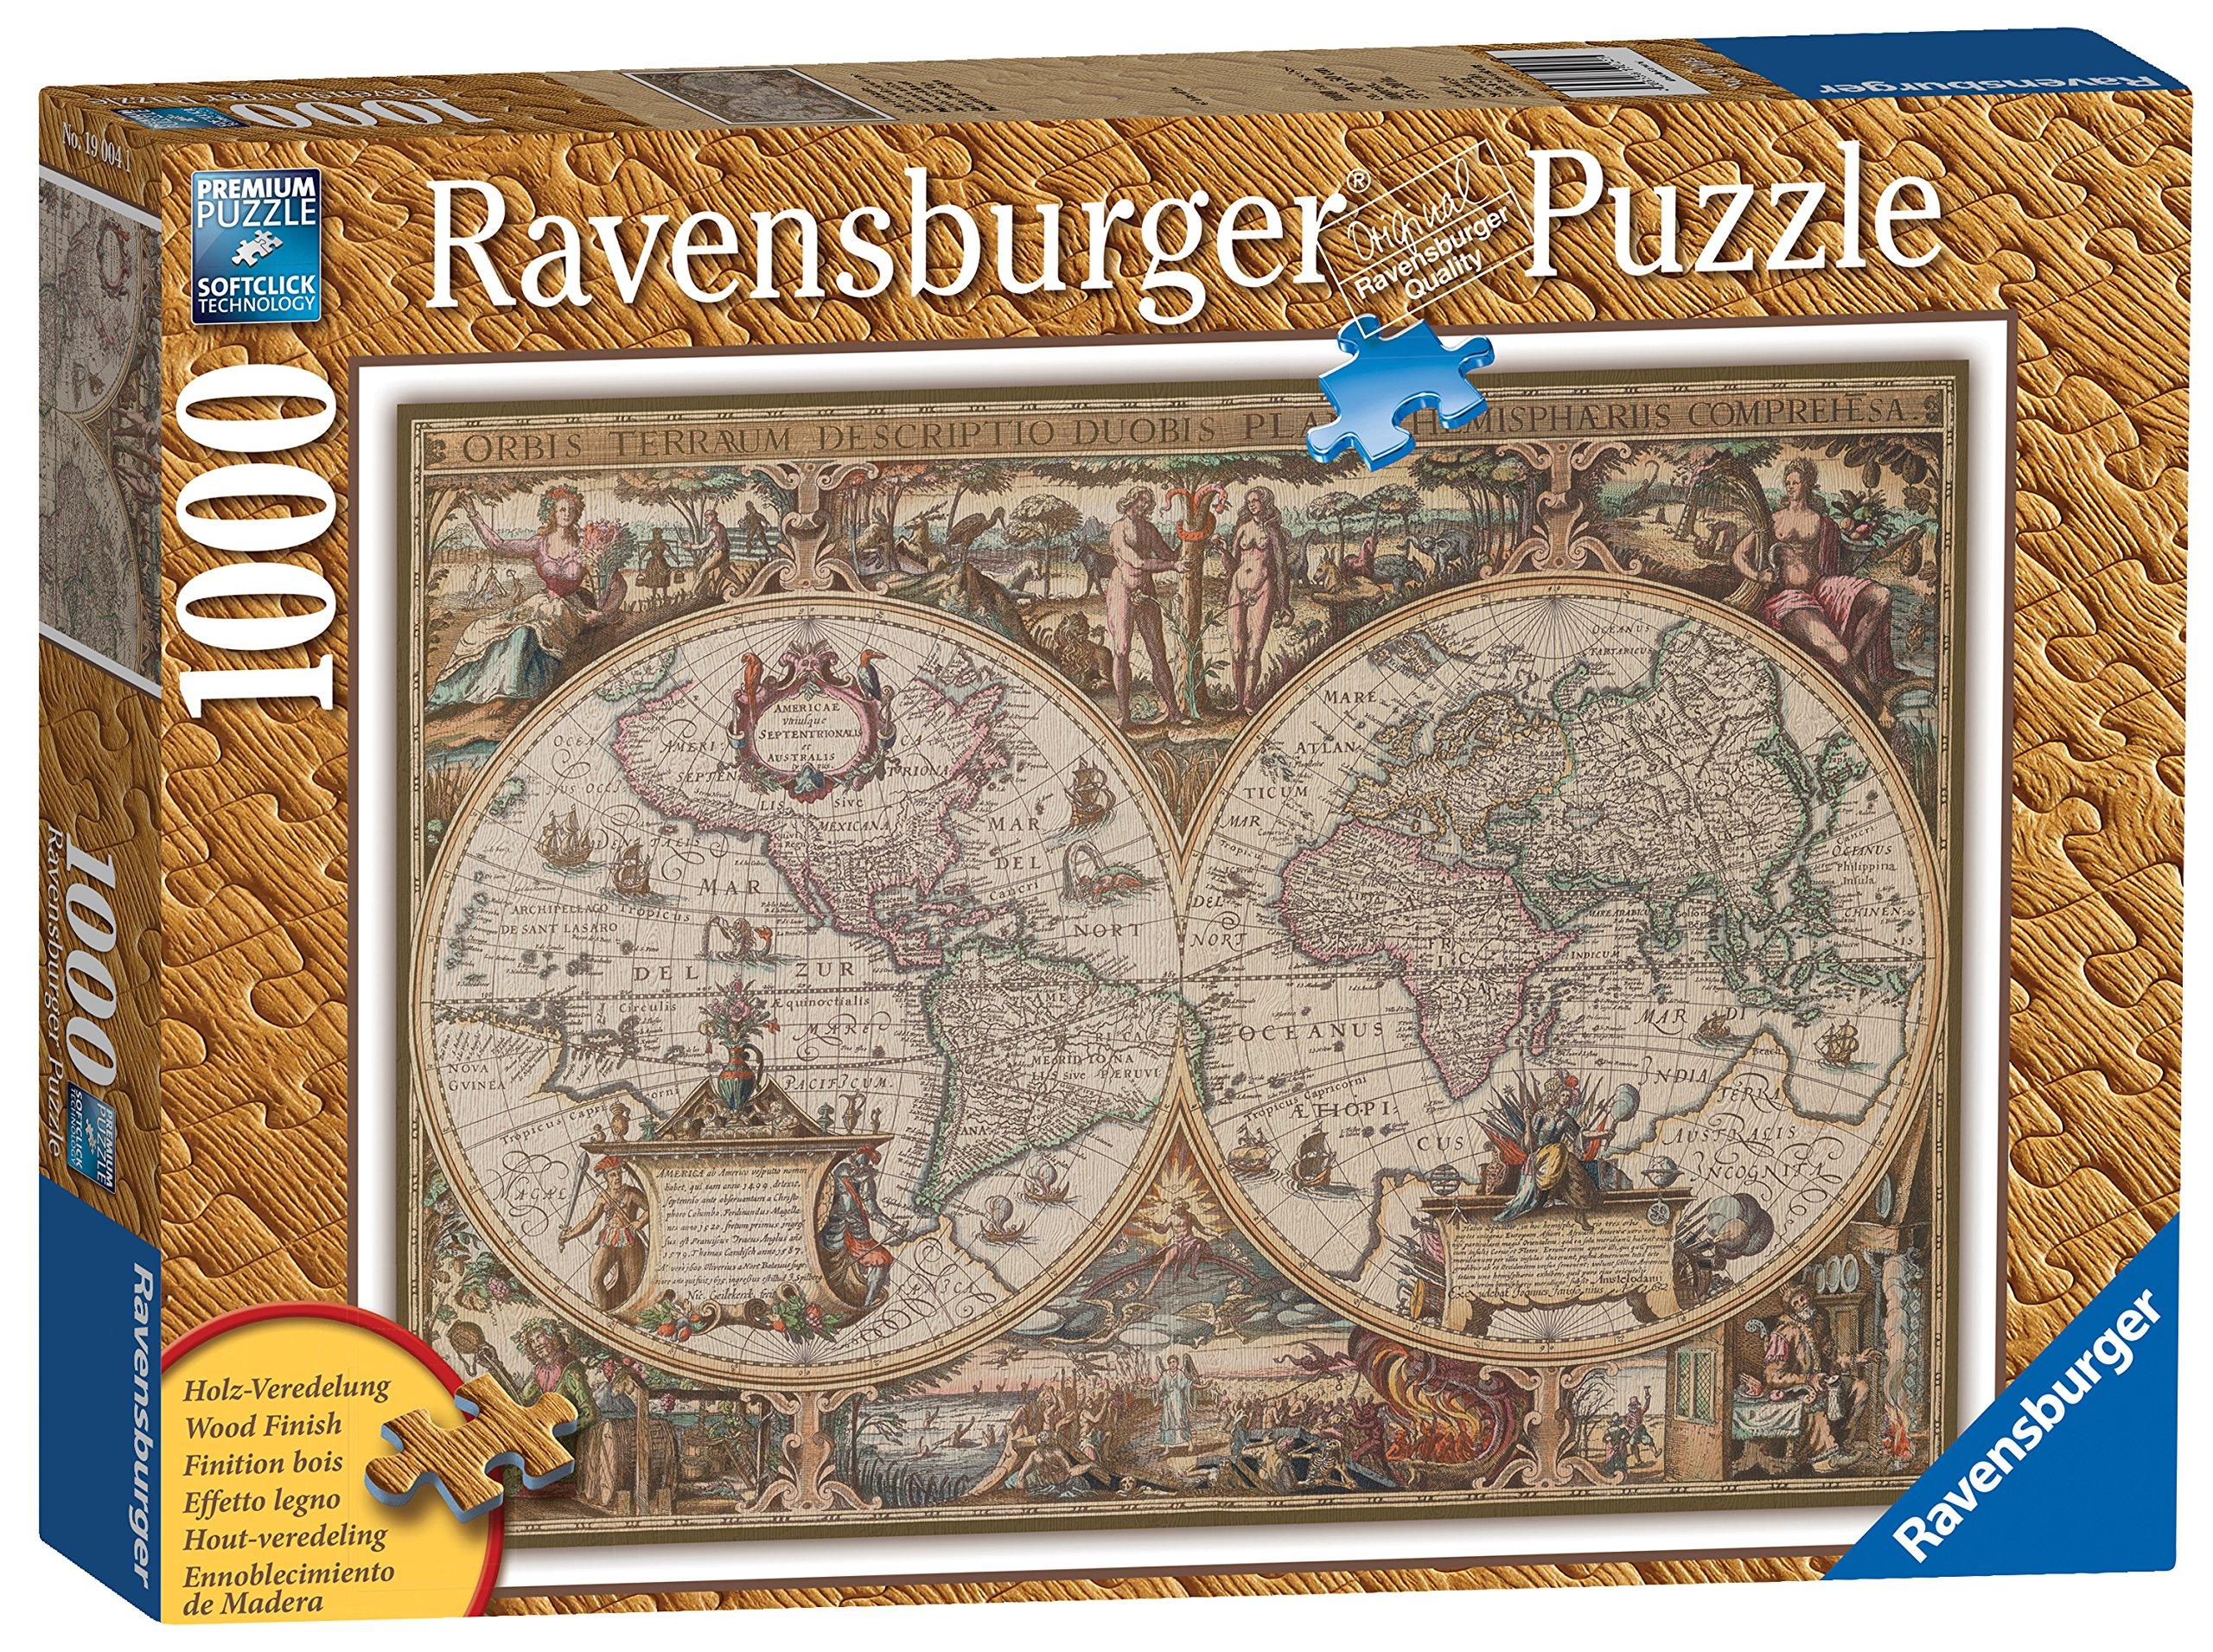 Ravensburger 19004 - Puzzle de 1000 piezas imitación madera, diseño de mapa del mundo antiguo: Amazon.es: Juguetes y juegos